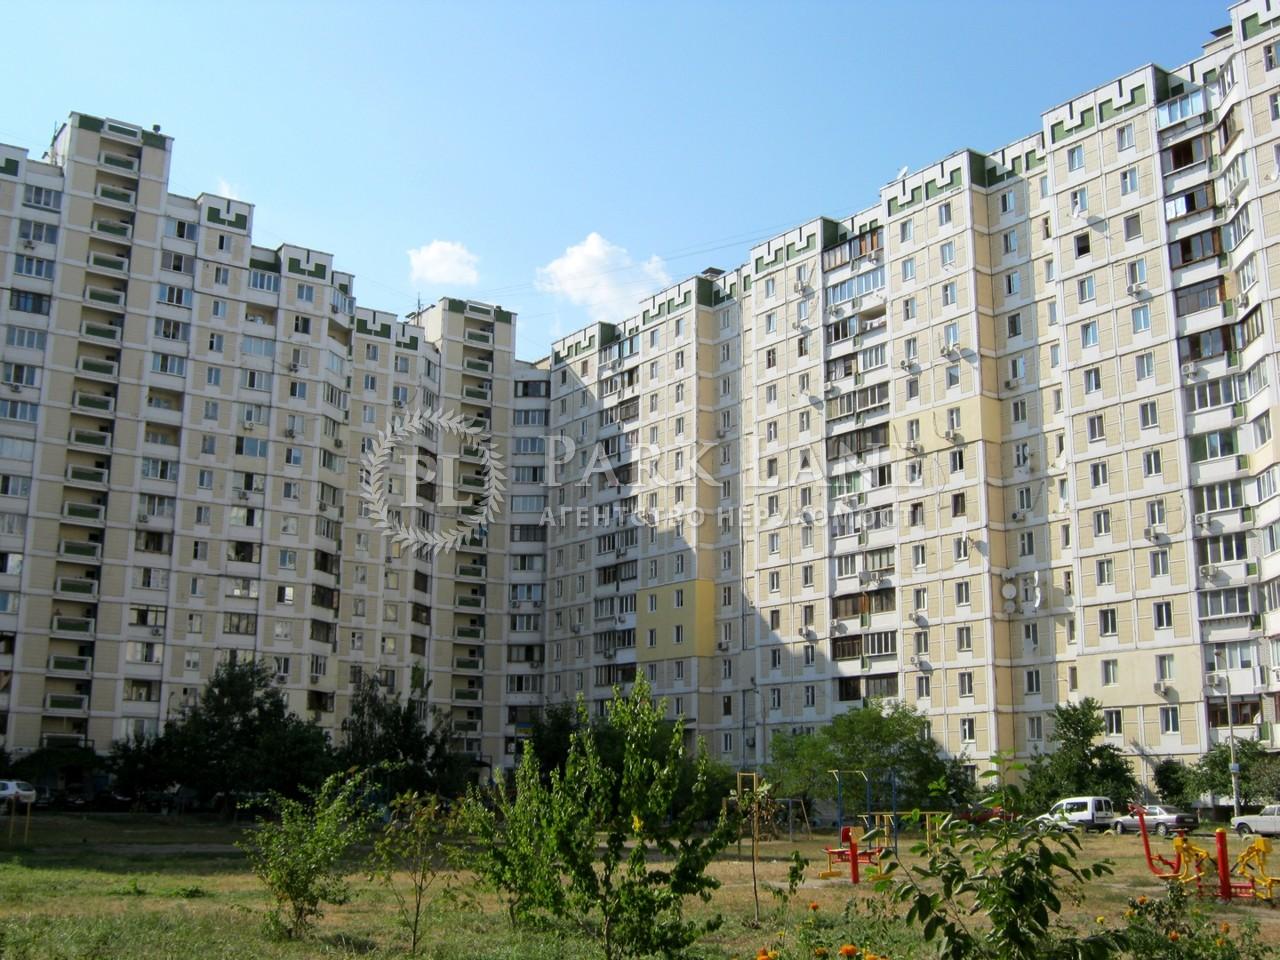 Квартира ул. Вишняковская, 7б, Киев, L-28339 - Фото 1